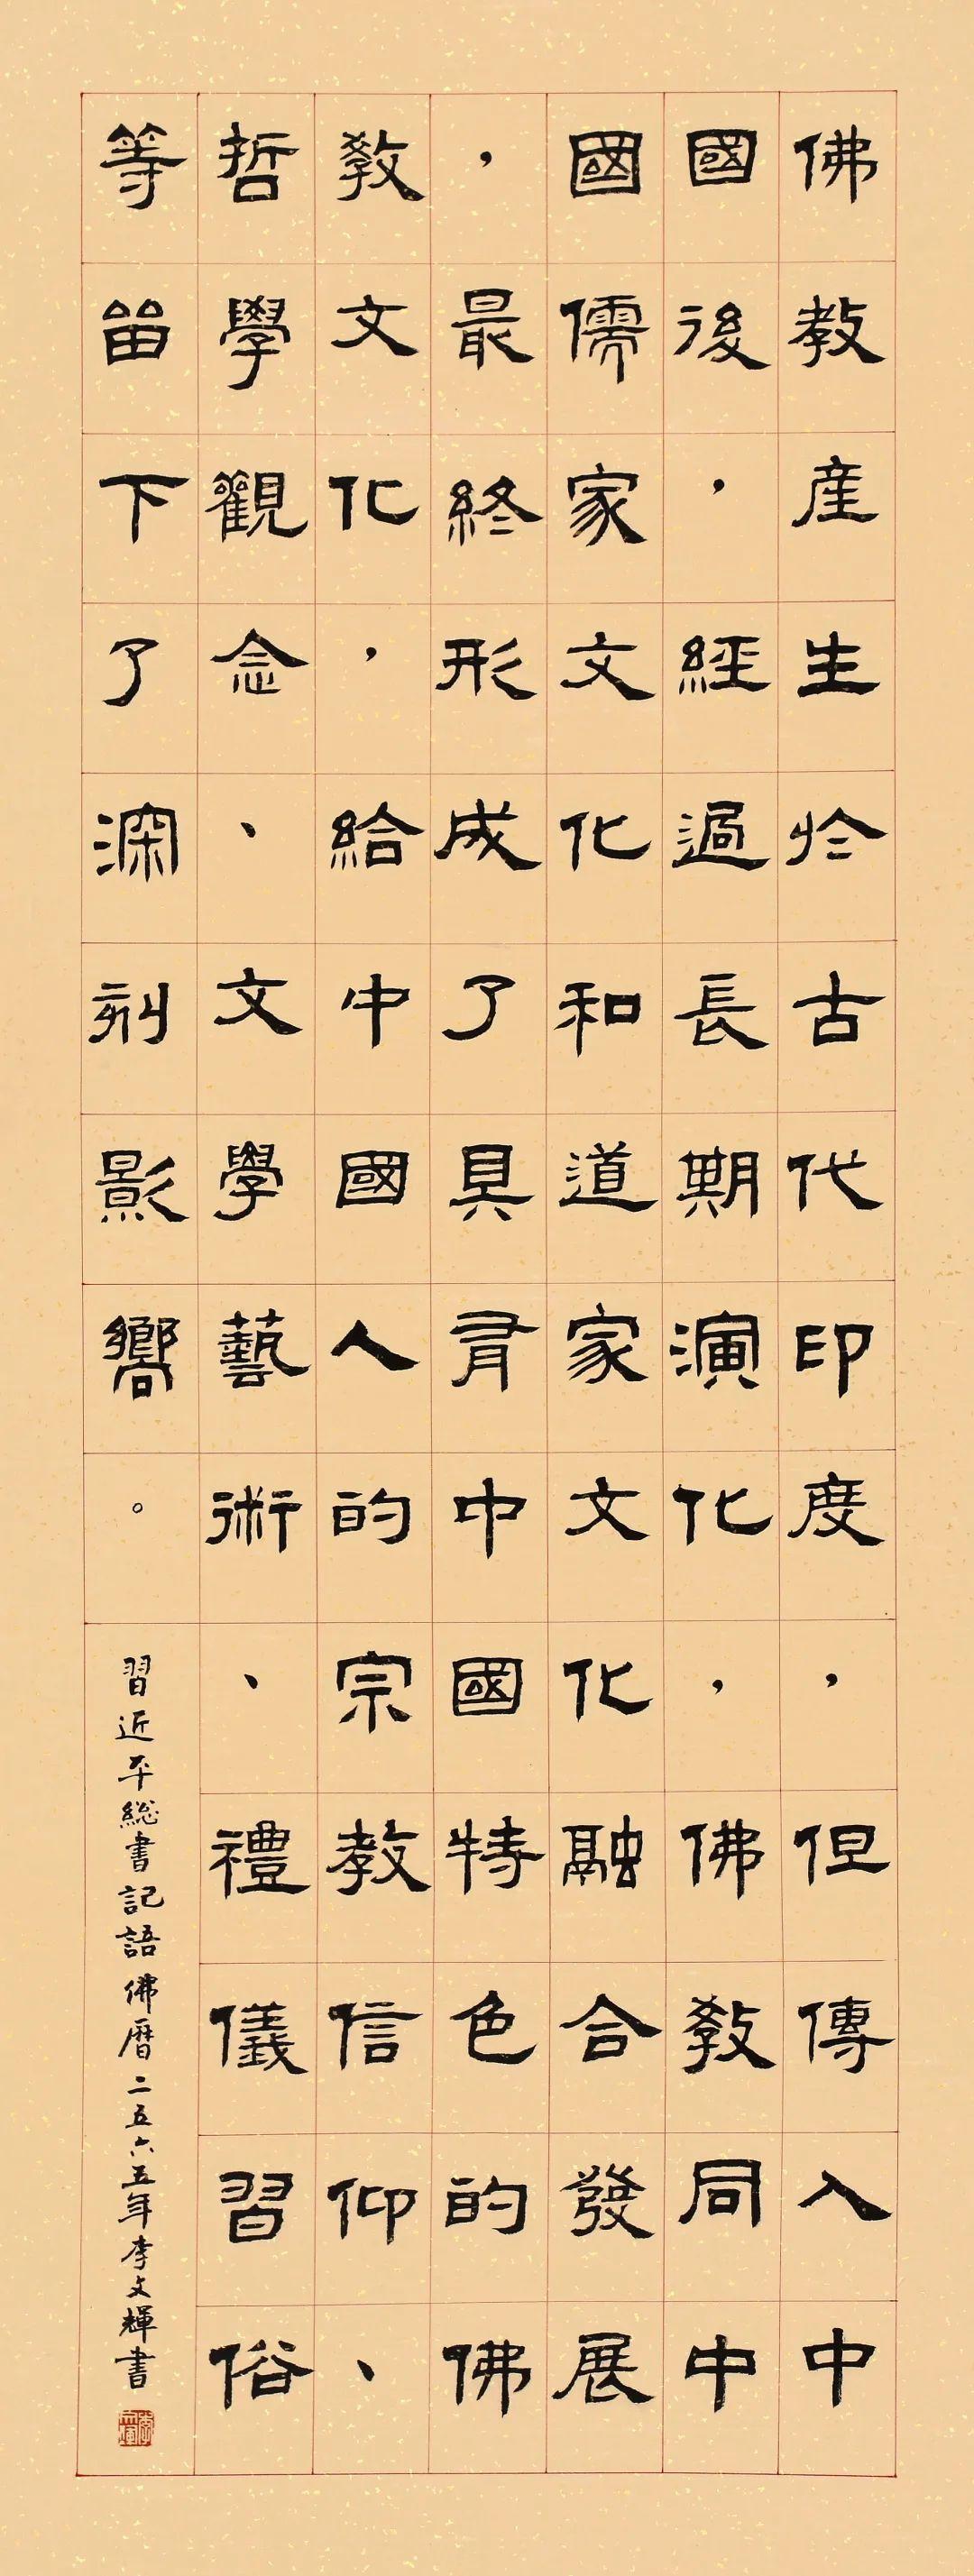 广东省书法家协会会员、广州市书法家协会理事、广州羊城书法研究会副会长李文辉